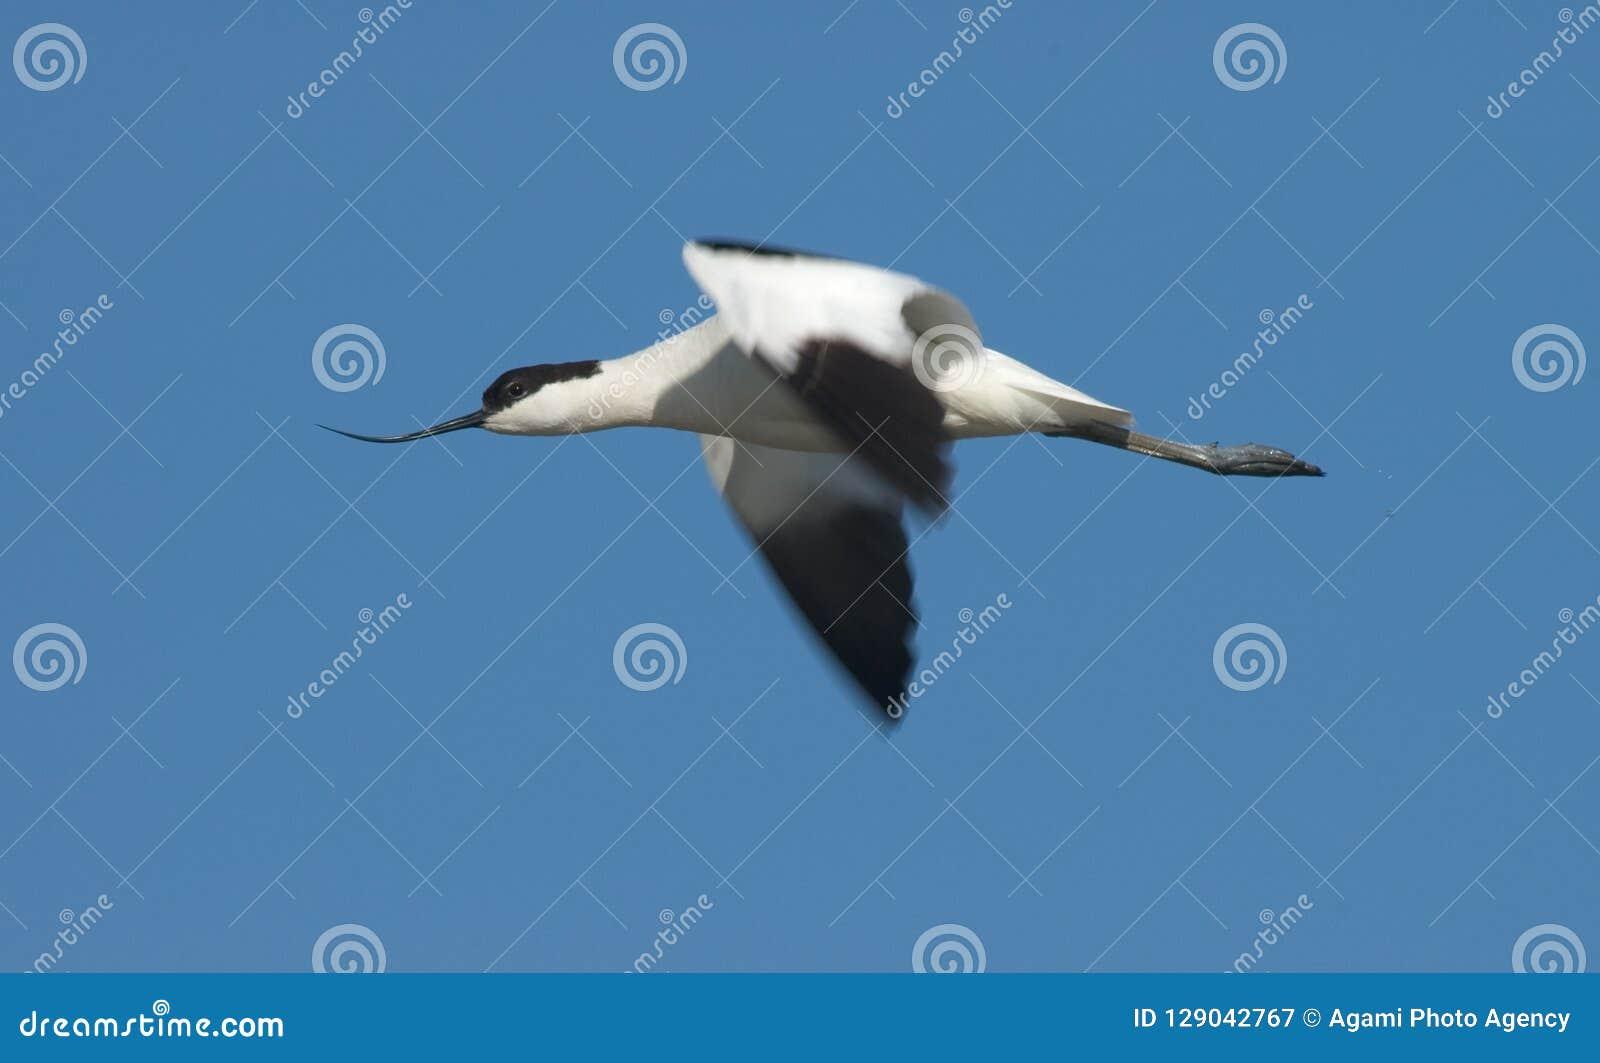 Gescheckter Avocet, Kluut, Recurvirostra avosetta